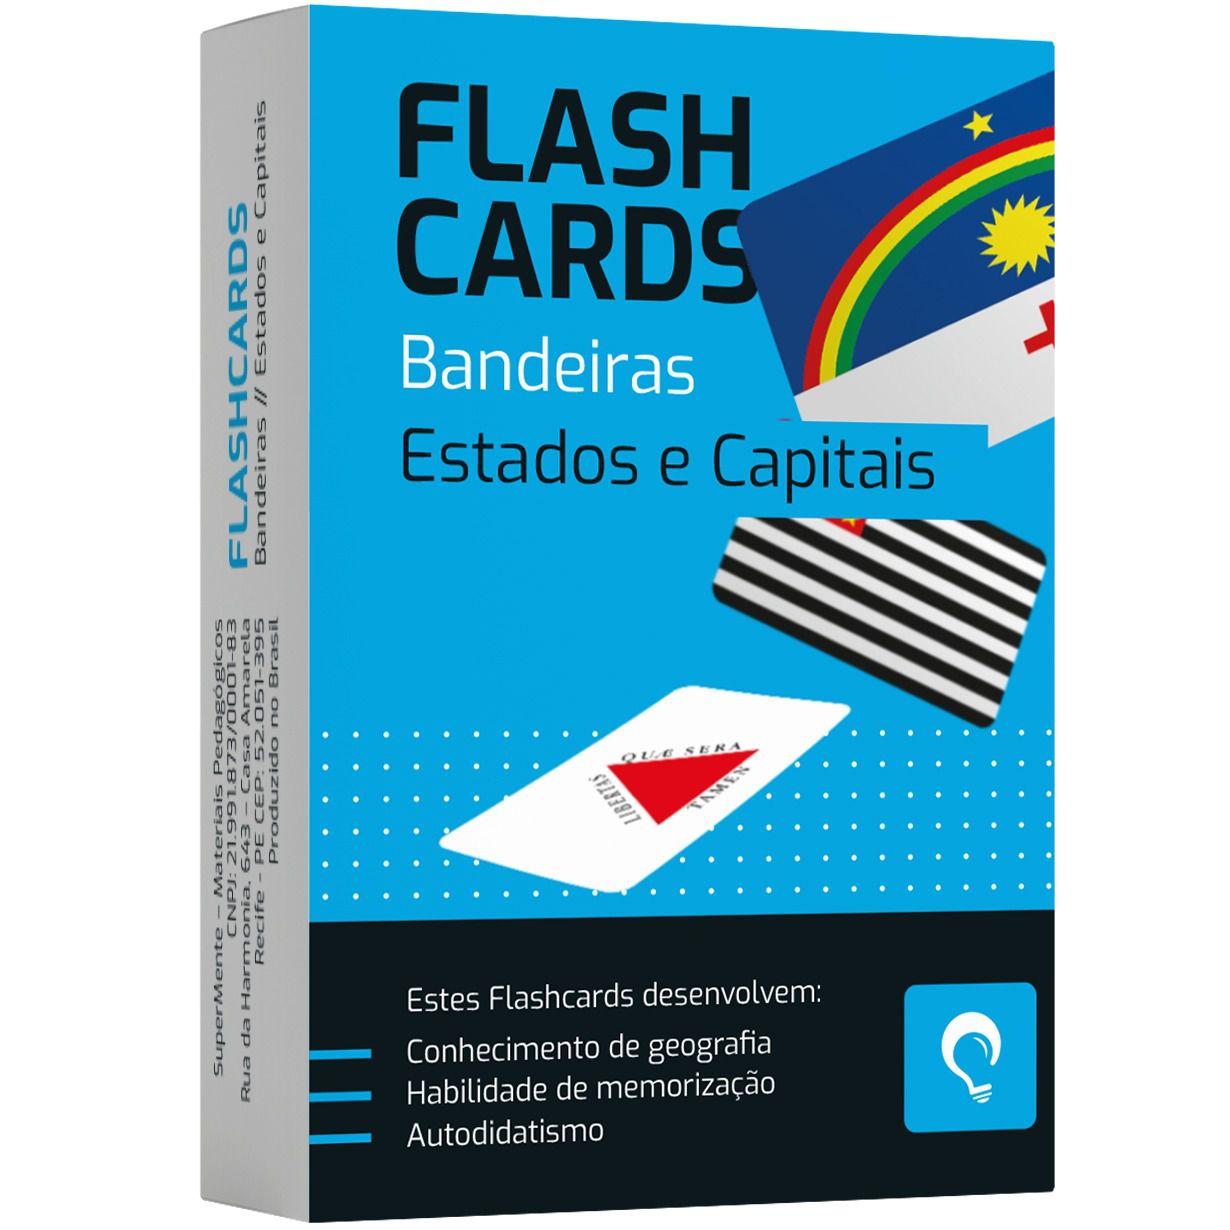 Flashcards Bandeiras Estados e Capitais